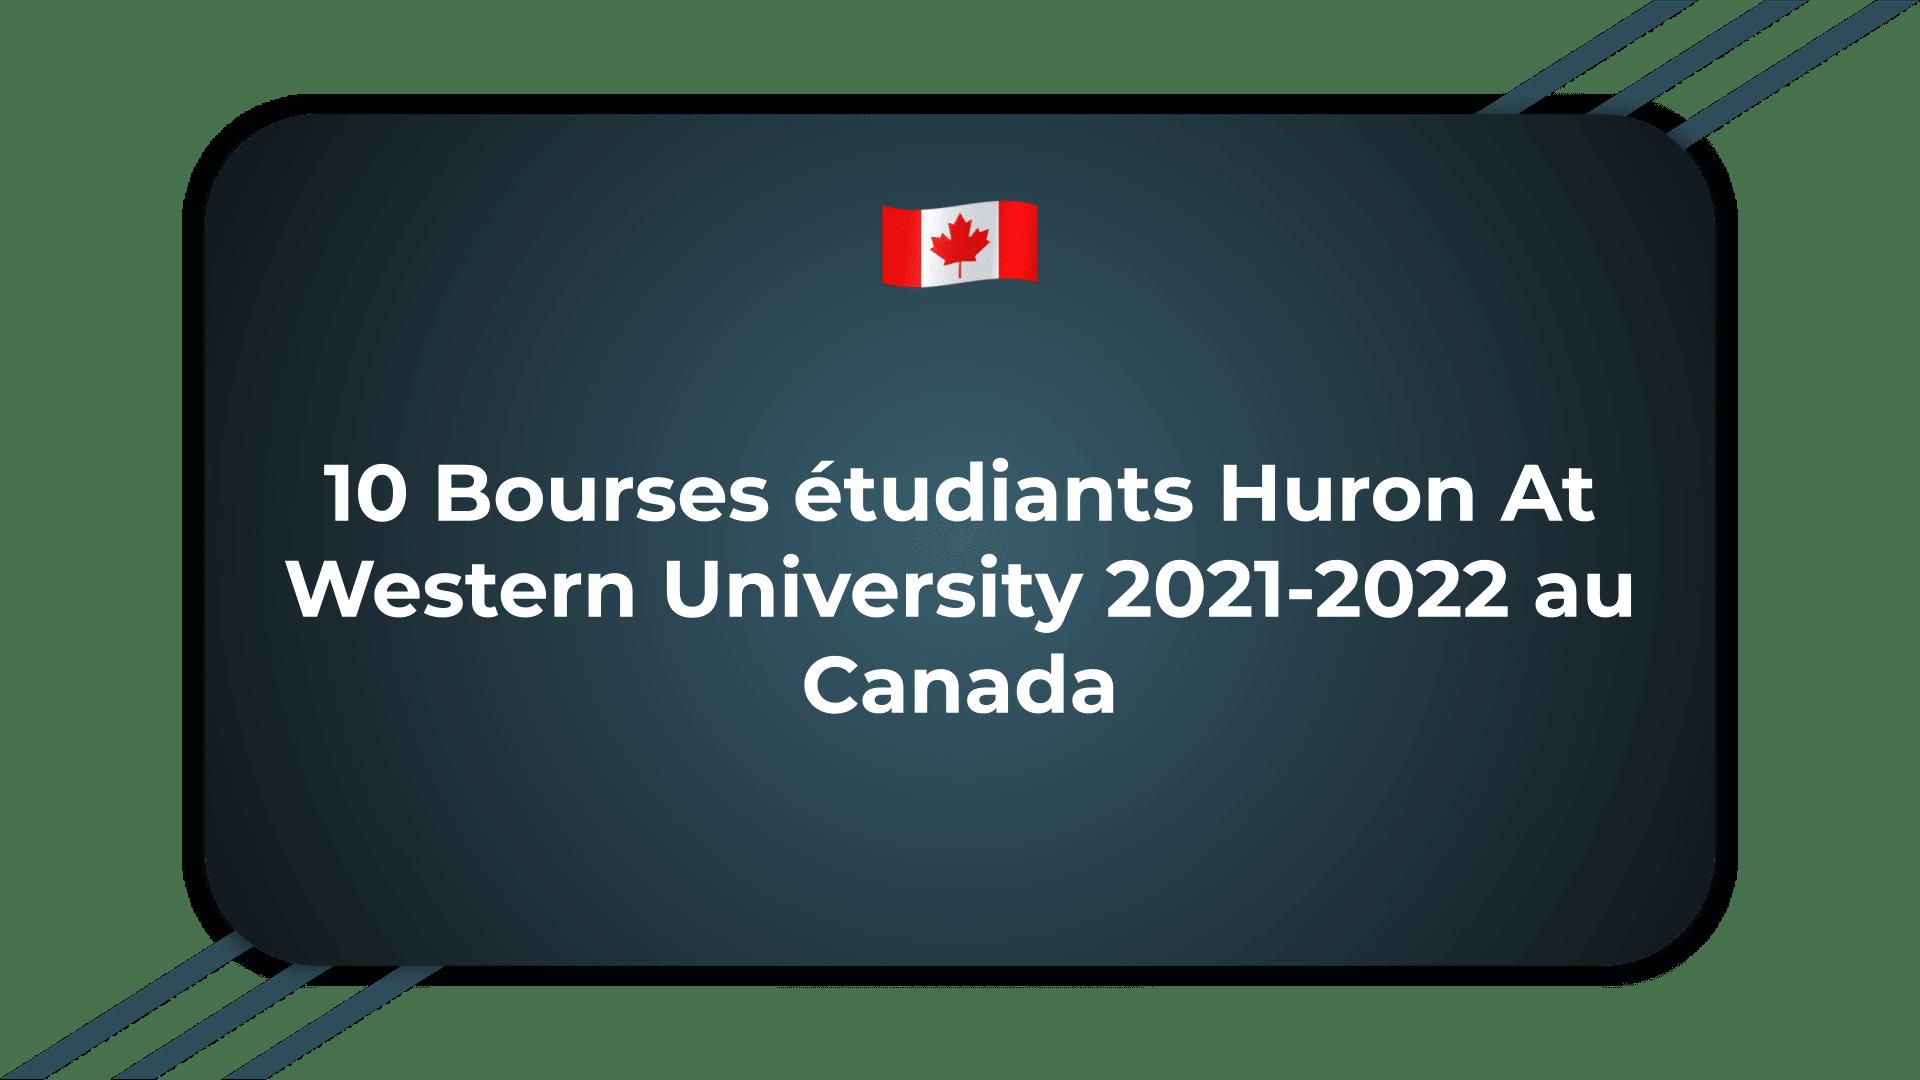 Bourses étudiants Huron At Western University